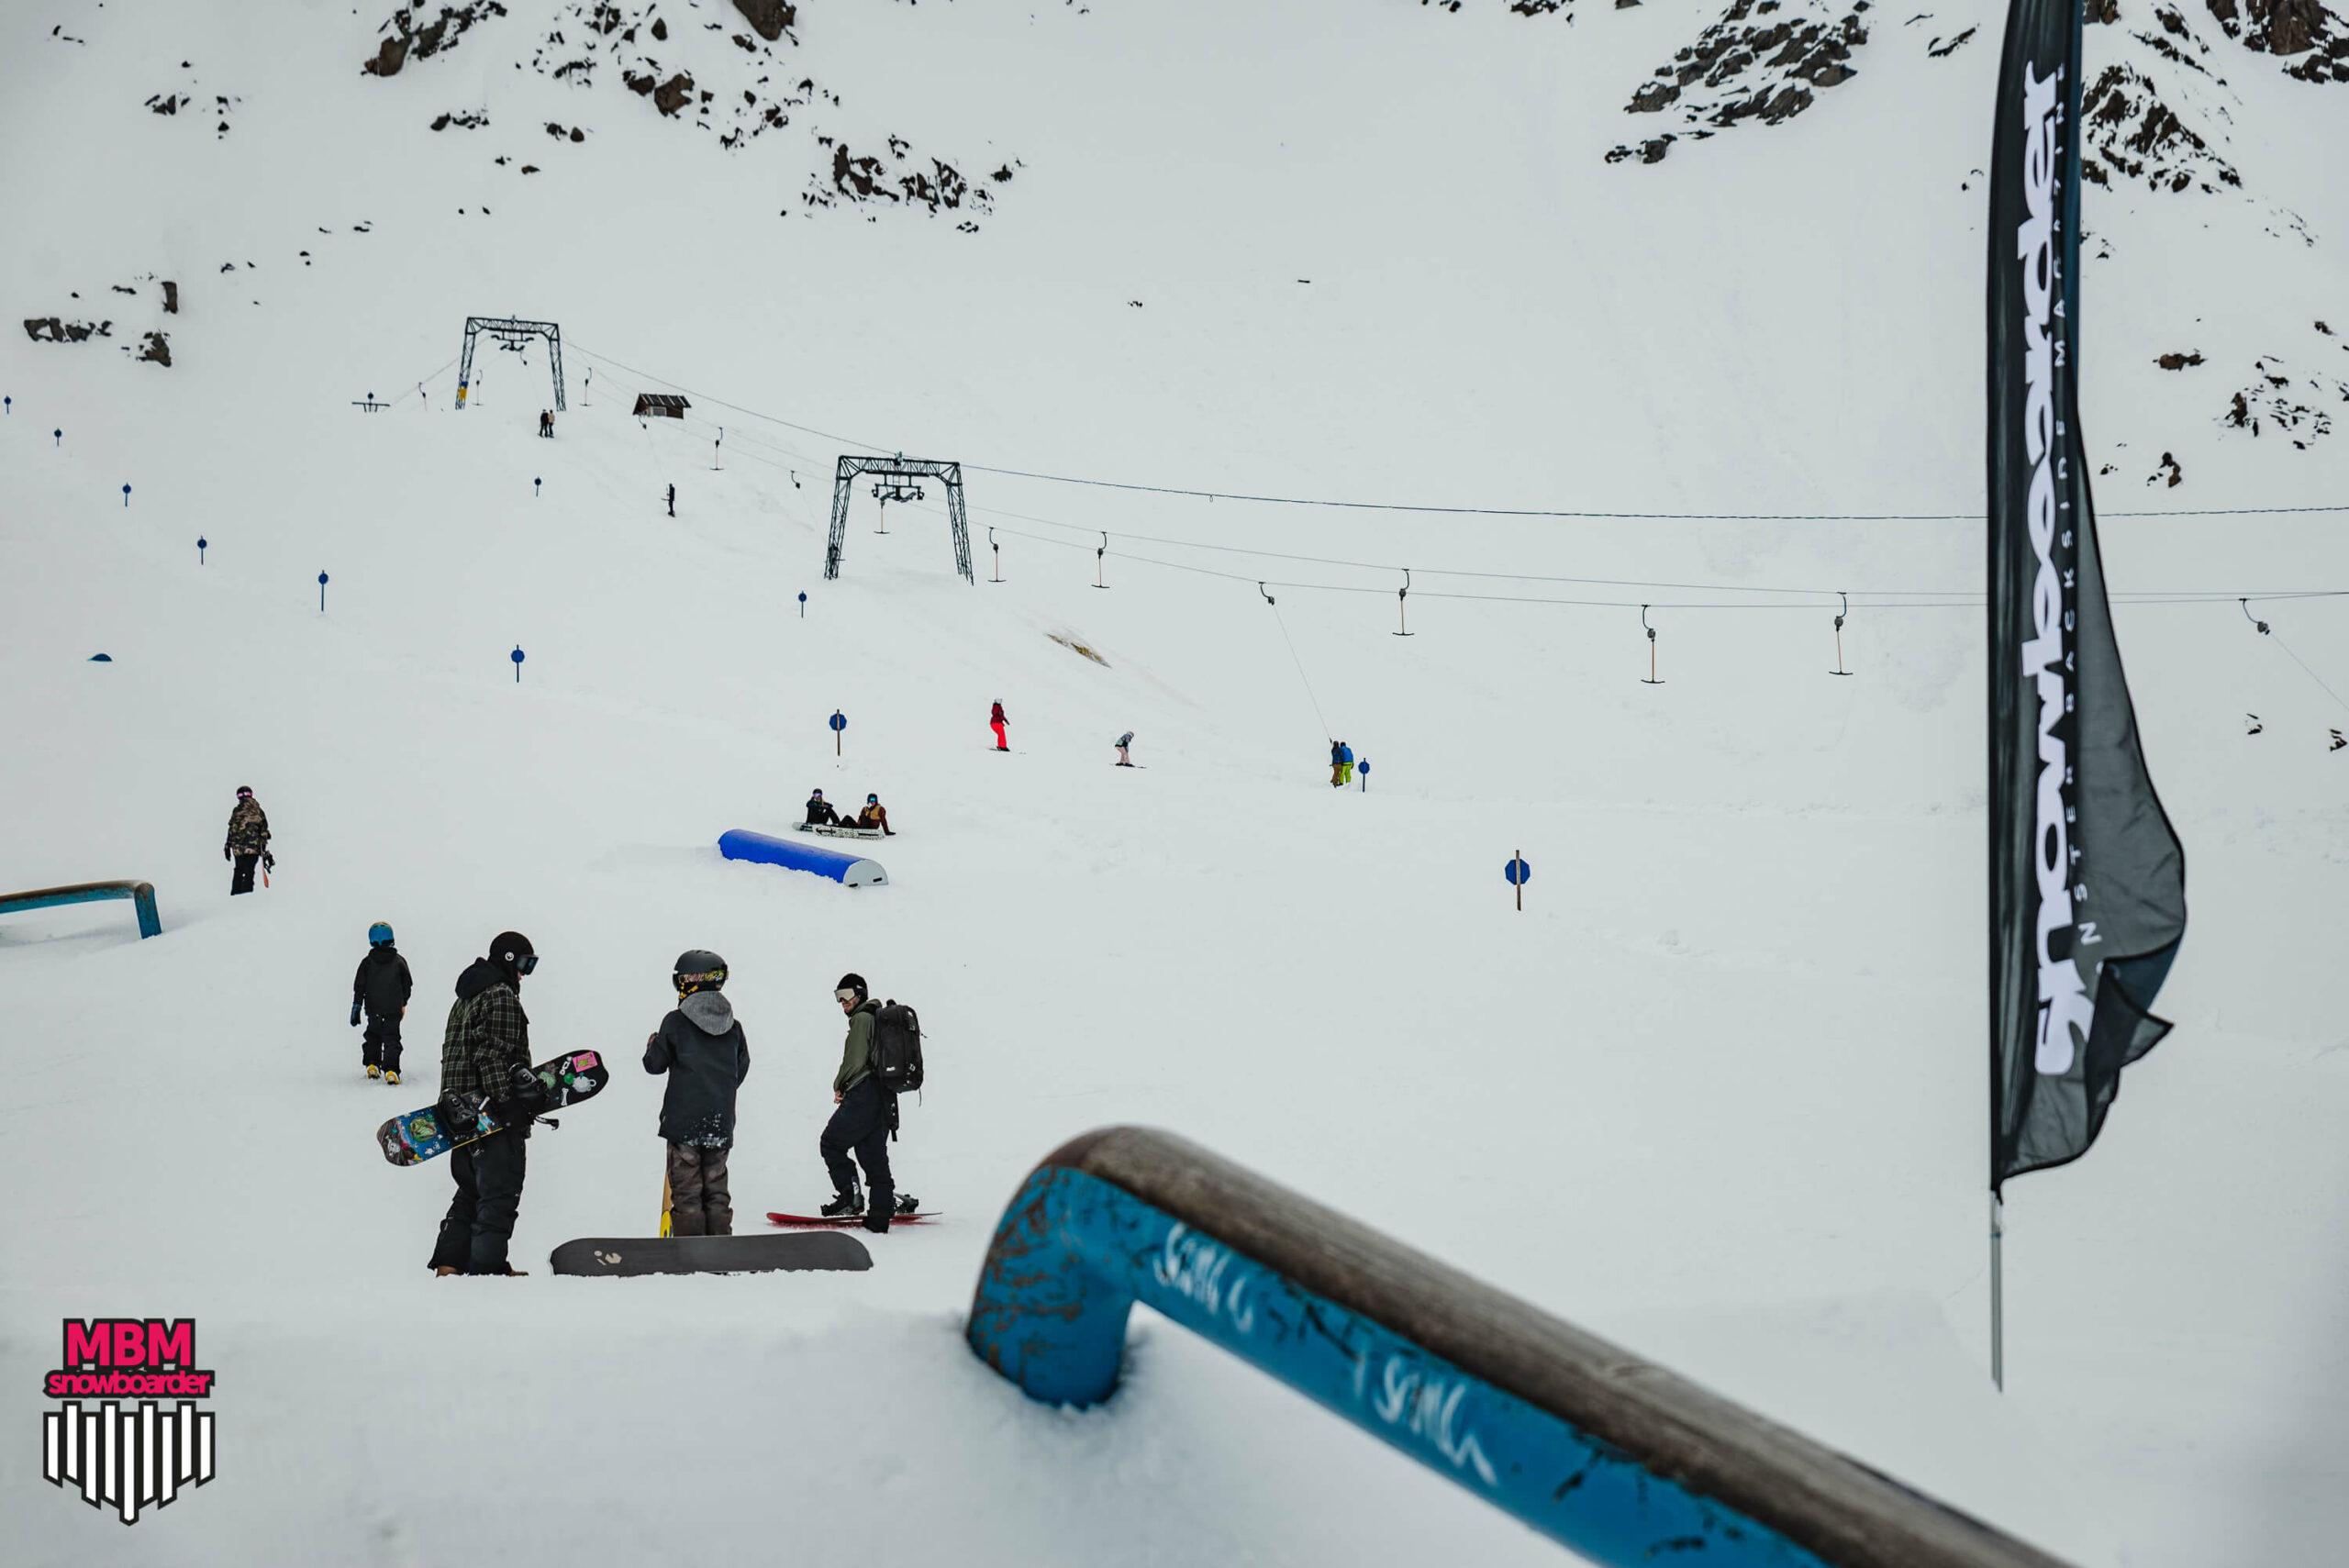 snowboarderMBM_sd_kaunertal_040